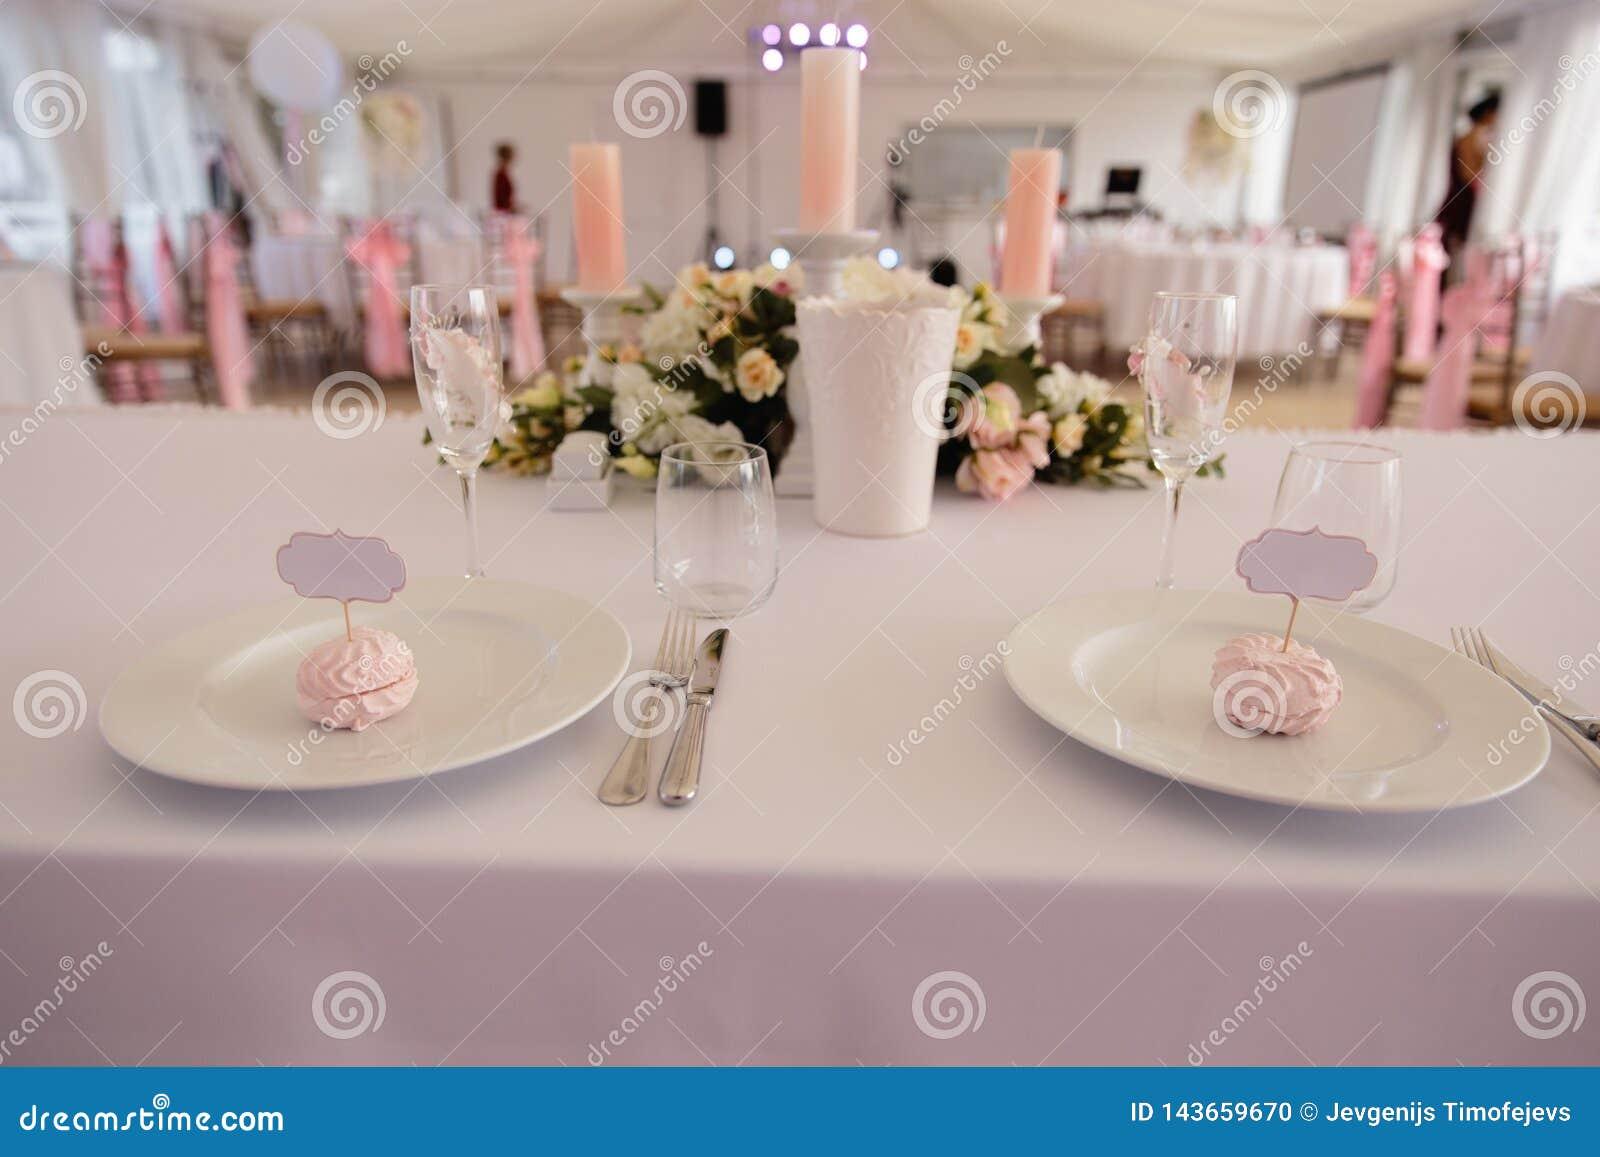 Signe vide de cadre de l espace d annonce - épousant la décoration installée pendant la réception - offrez la couleur rose et bla